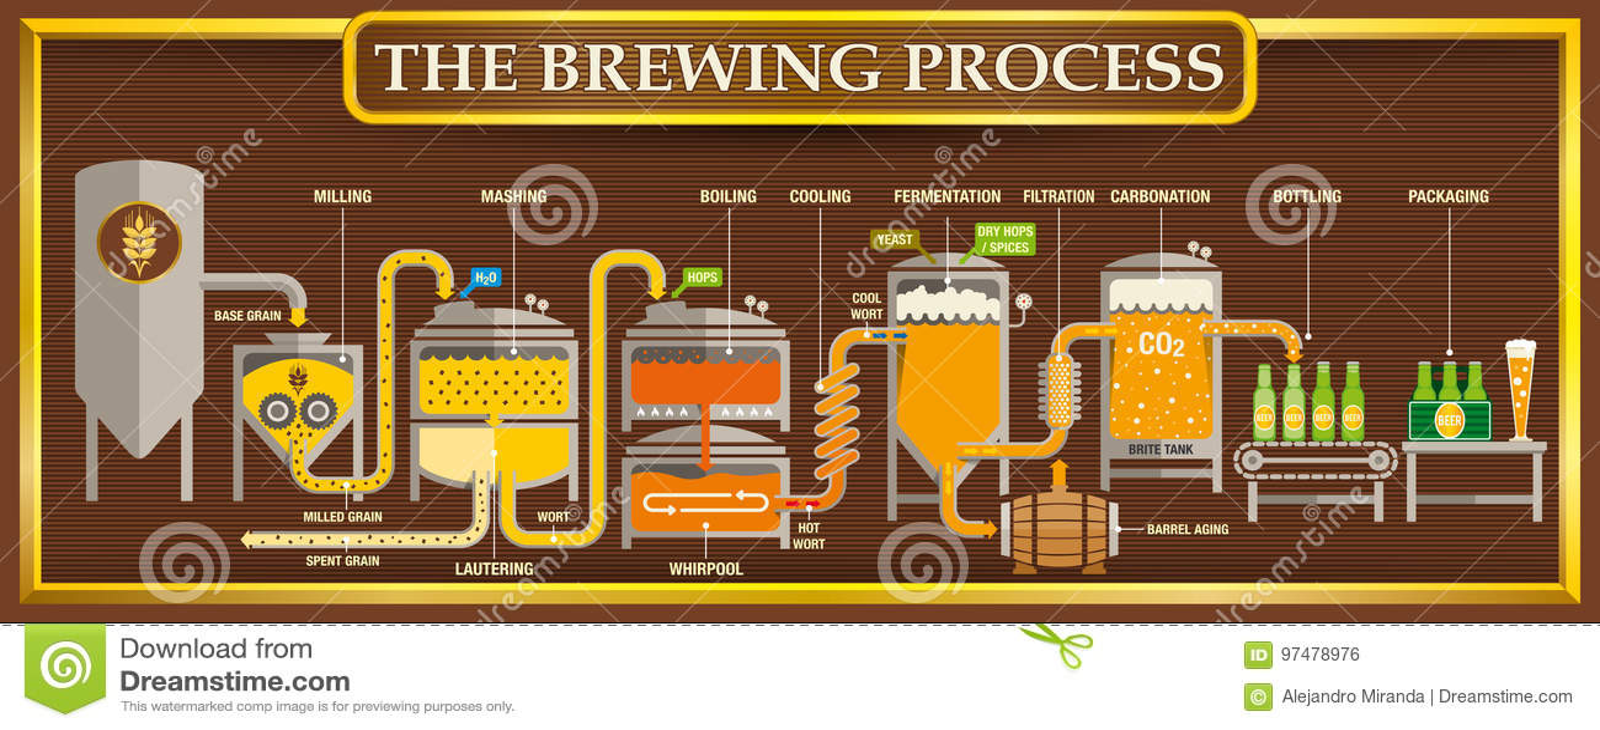 Информаци-график заваривать отростчатый с элементами дизайна пива на коричневой предпосылке с золотой рамкой